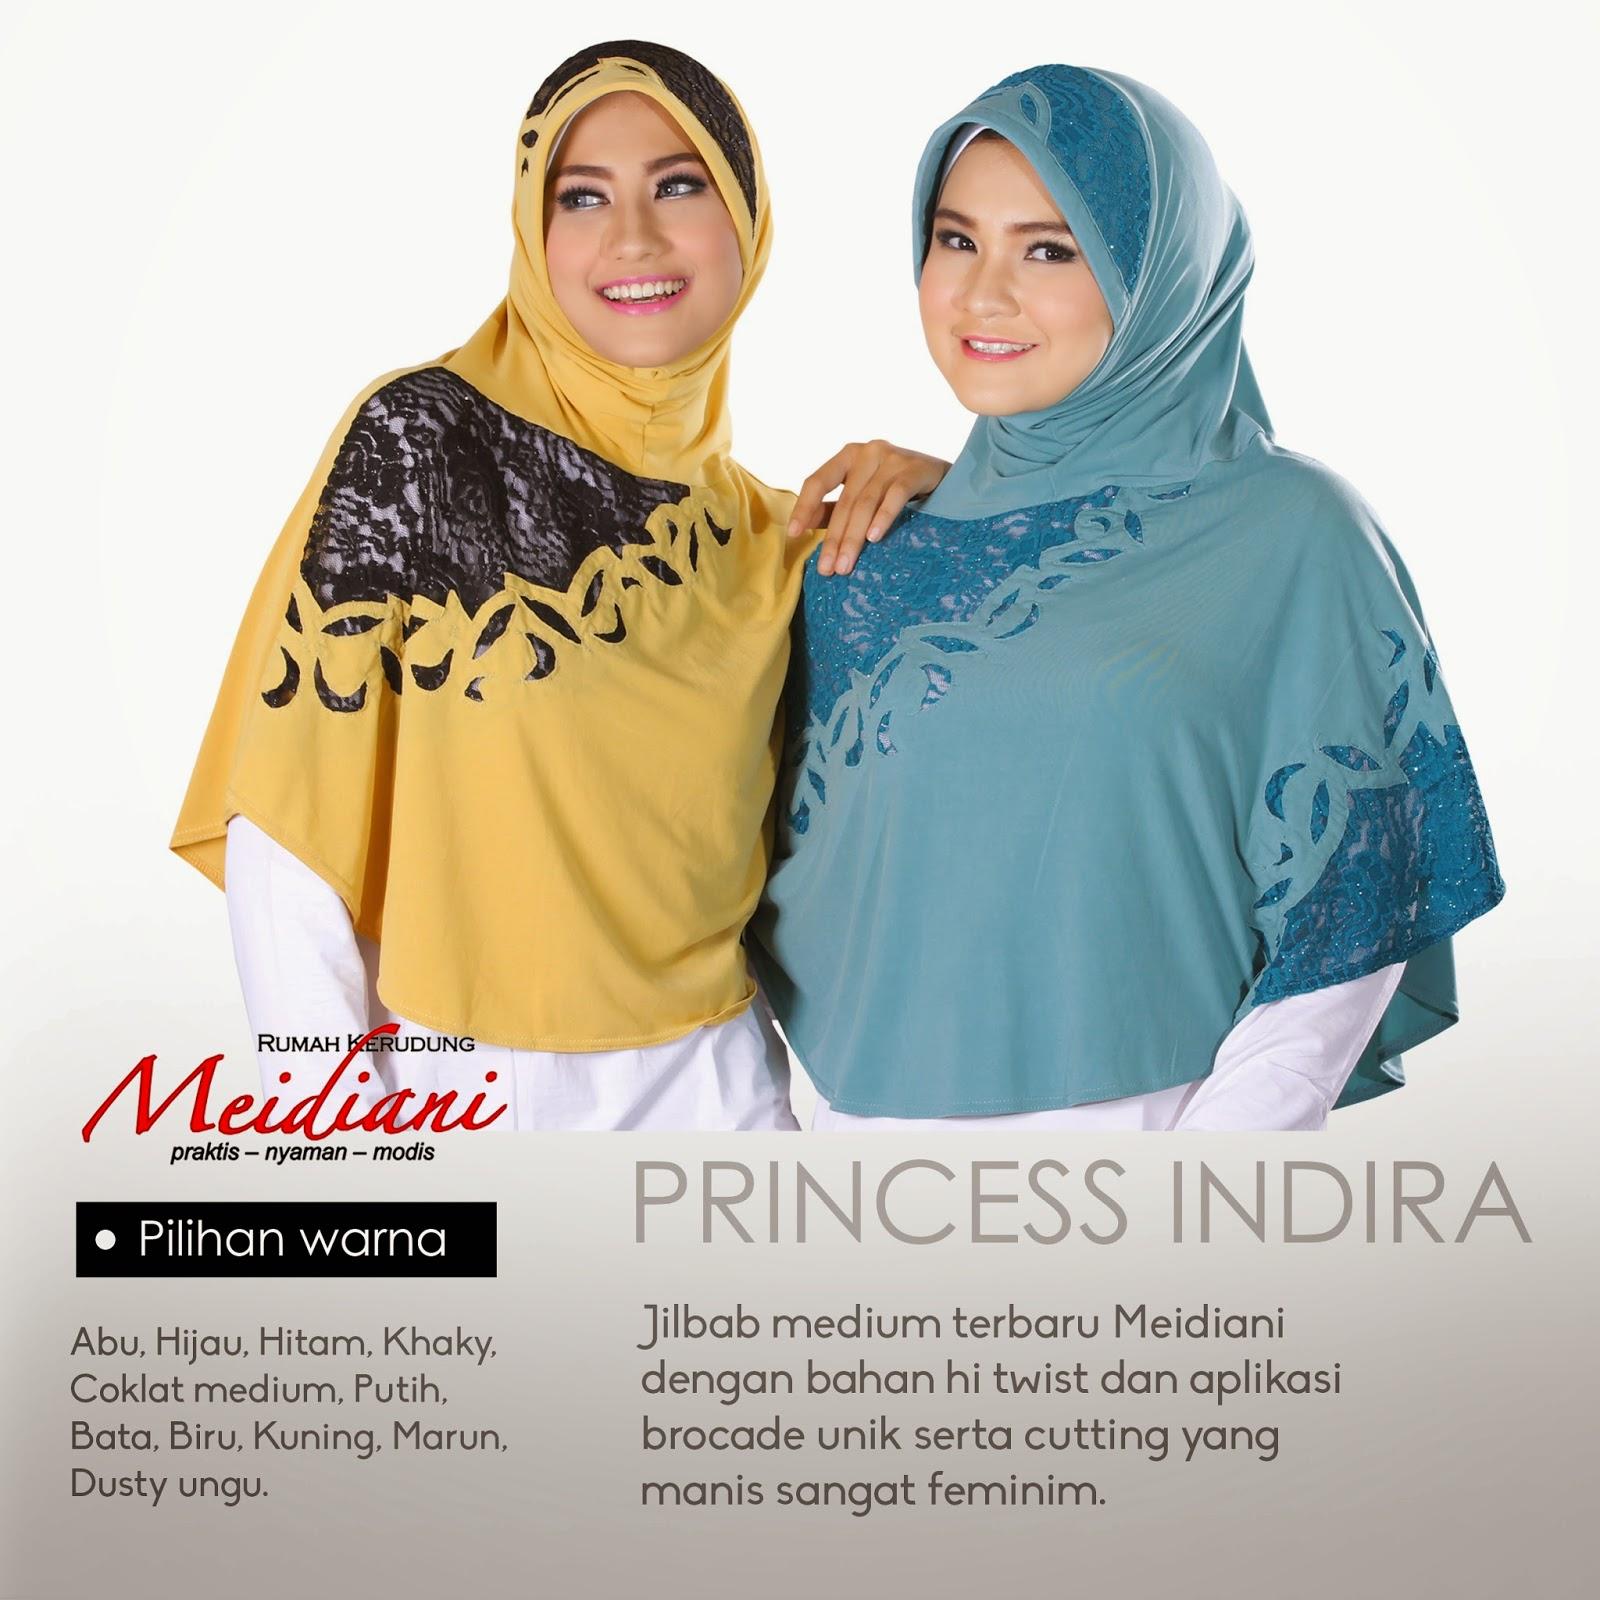 Princess Indira